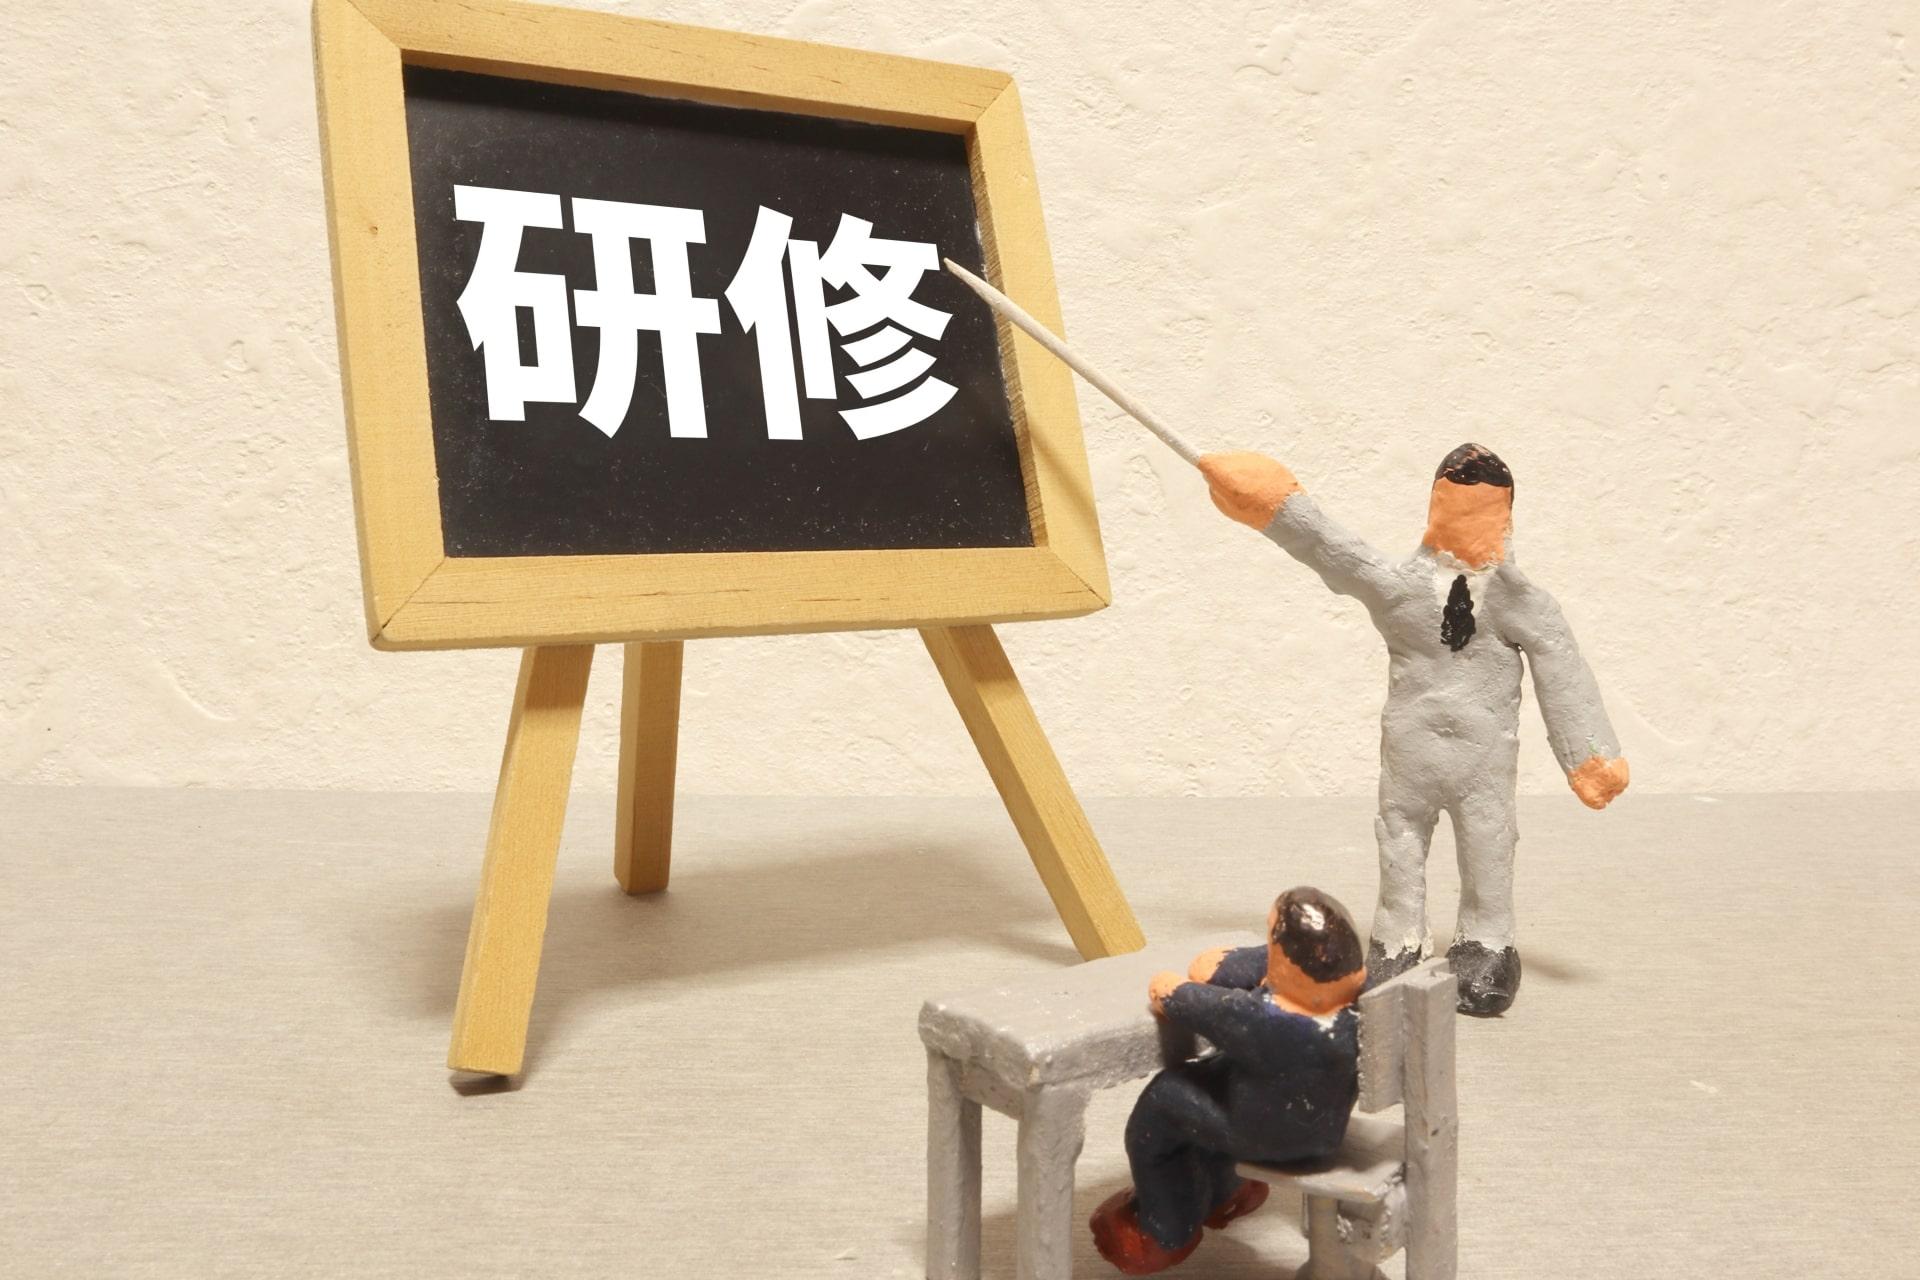 需要が増えつつある企業内研修動画のメリットと検討ポイント